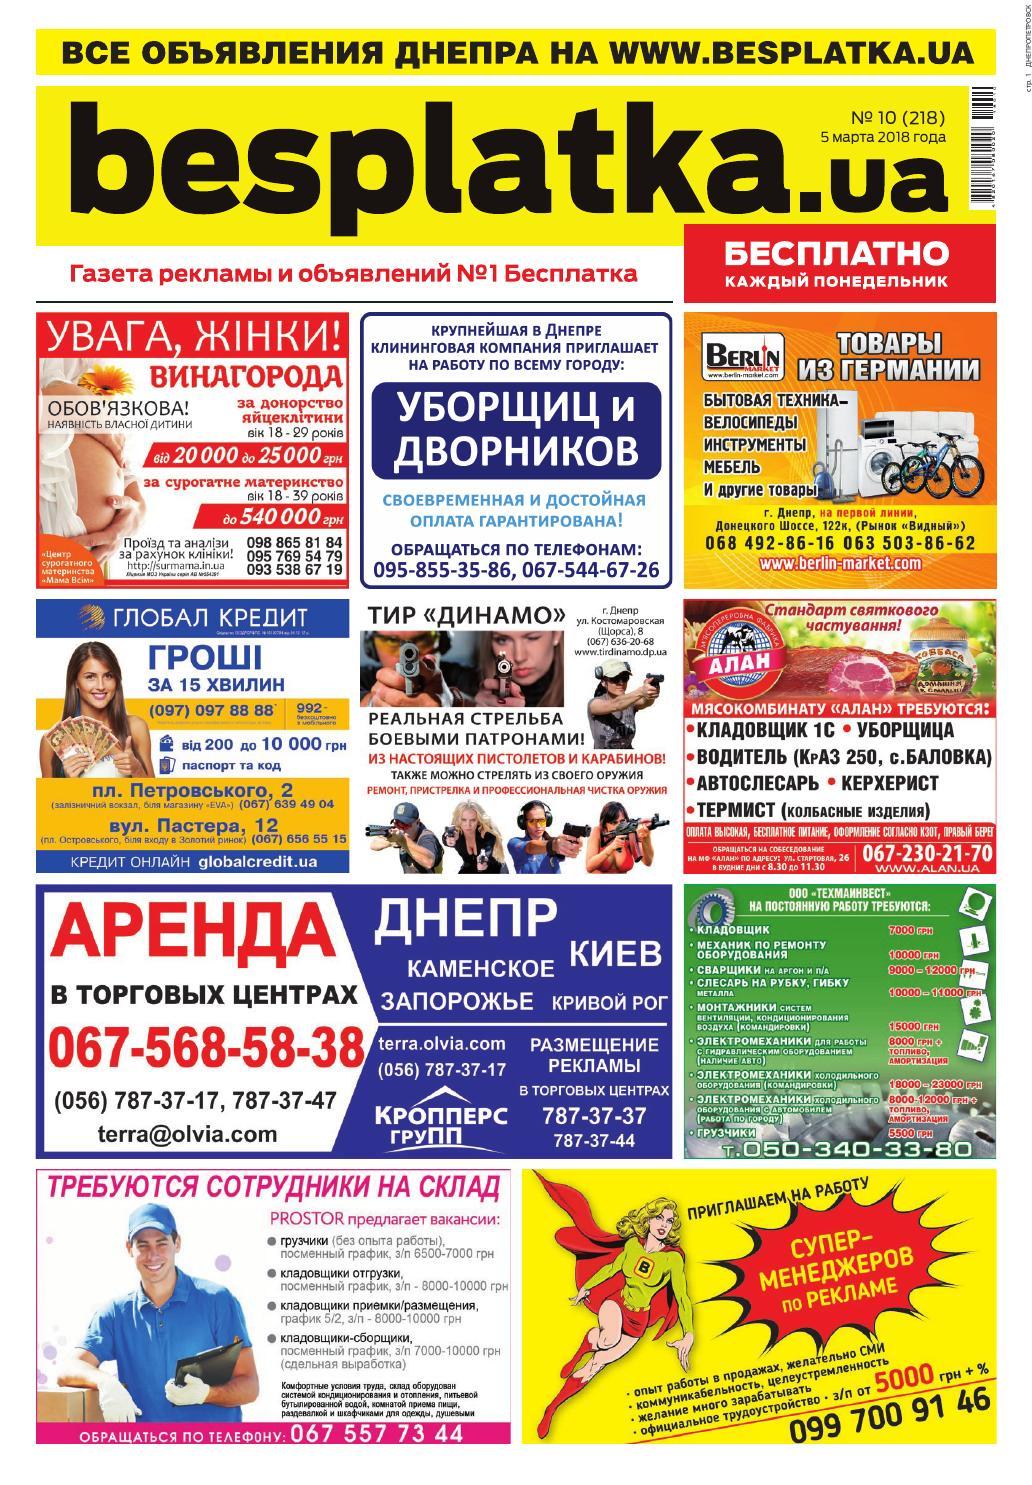 Besplatka  10 Днепр by besplatka ukraine - issuu 48a18d683c6